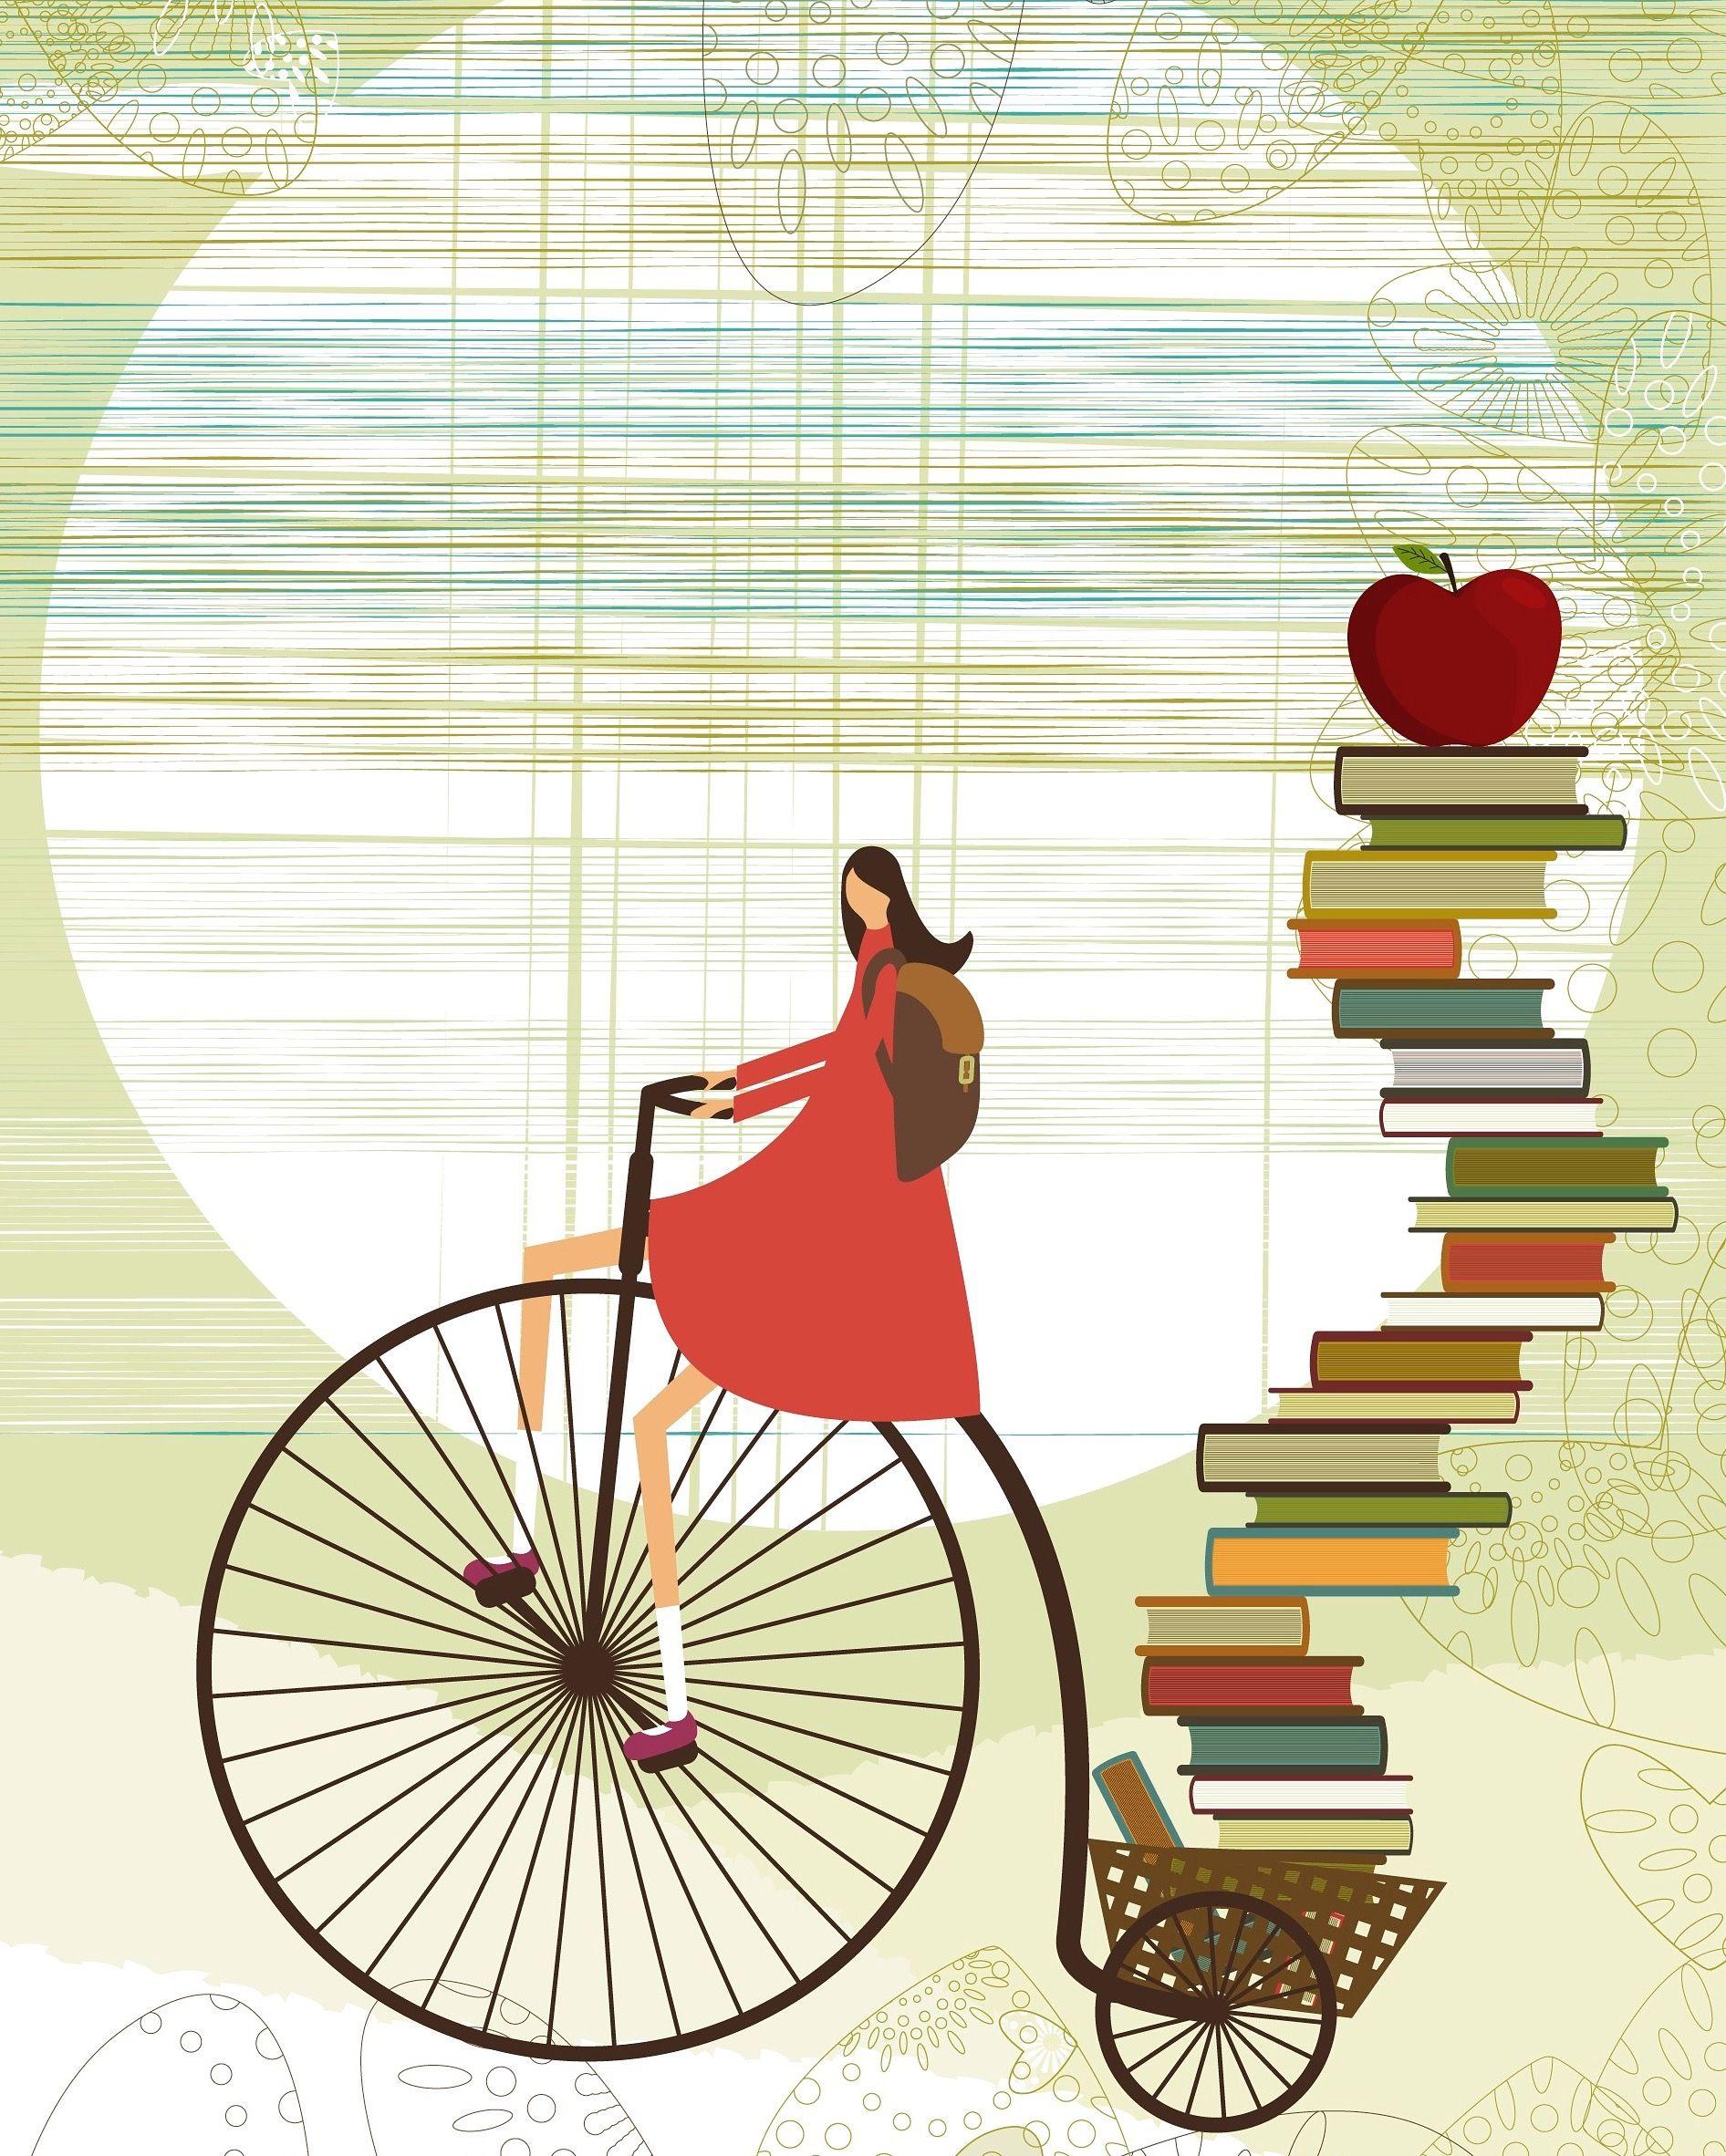 La felicidad de un lector  #April23 #diamundialdellibro #diainternacionaldellibro #felizdiadellibro